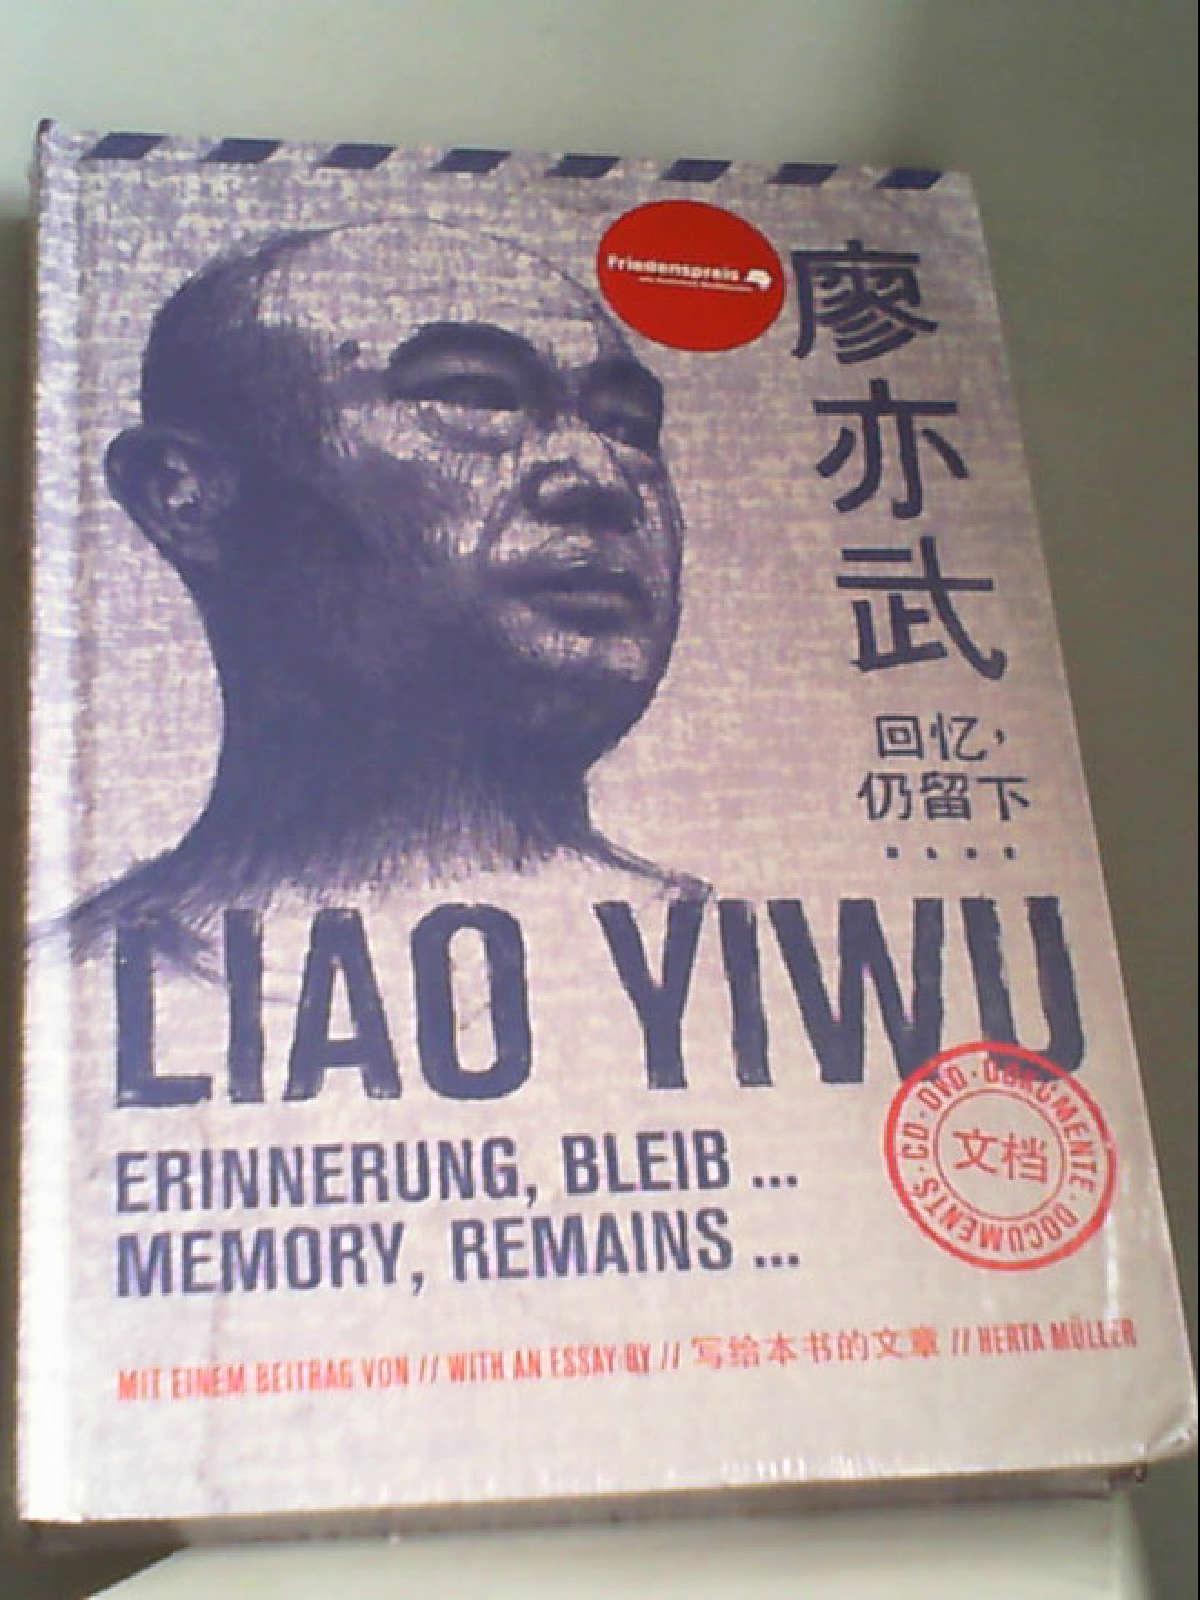 Erinnerung, bleib.: Liao YiwuLiao Yiwu